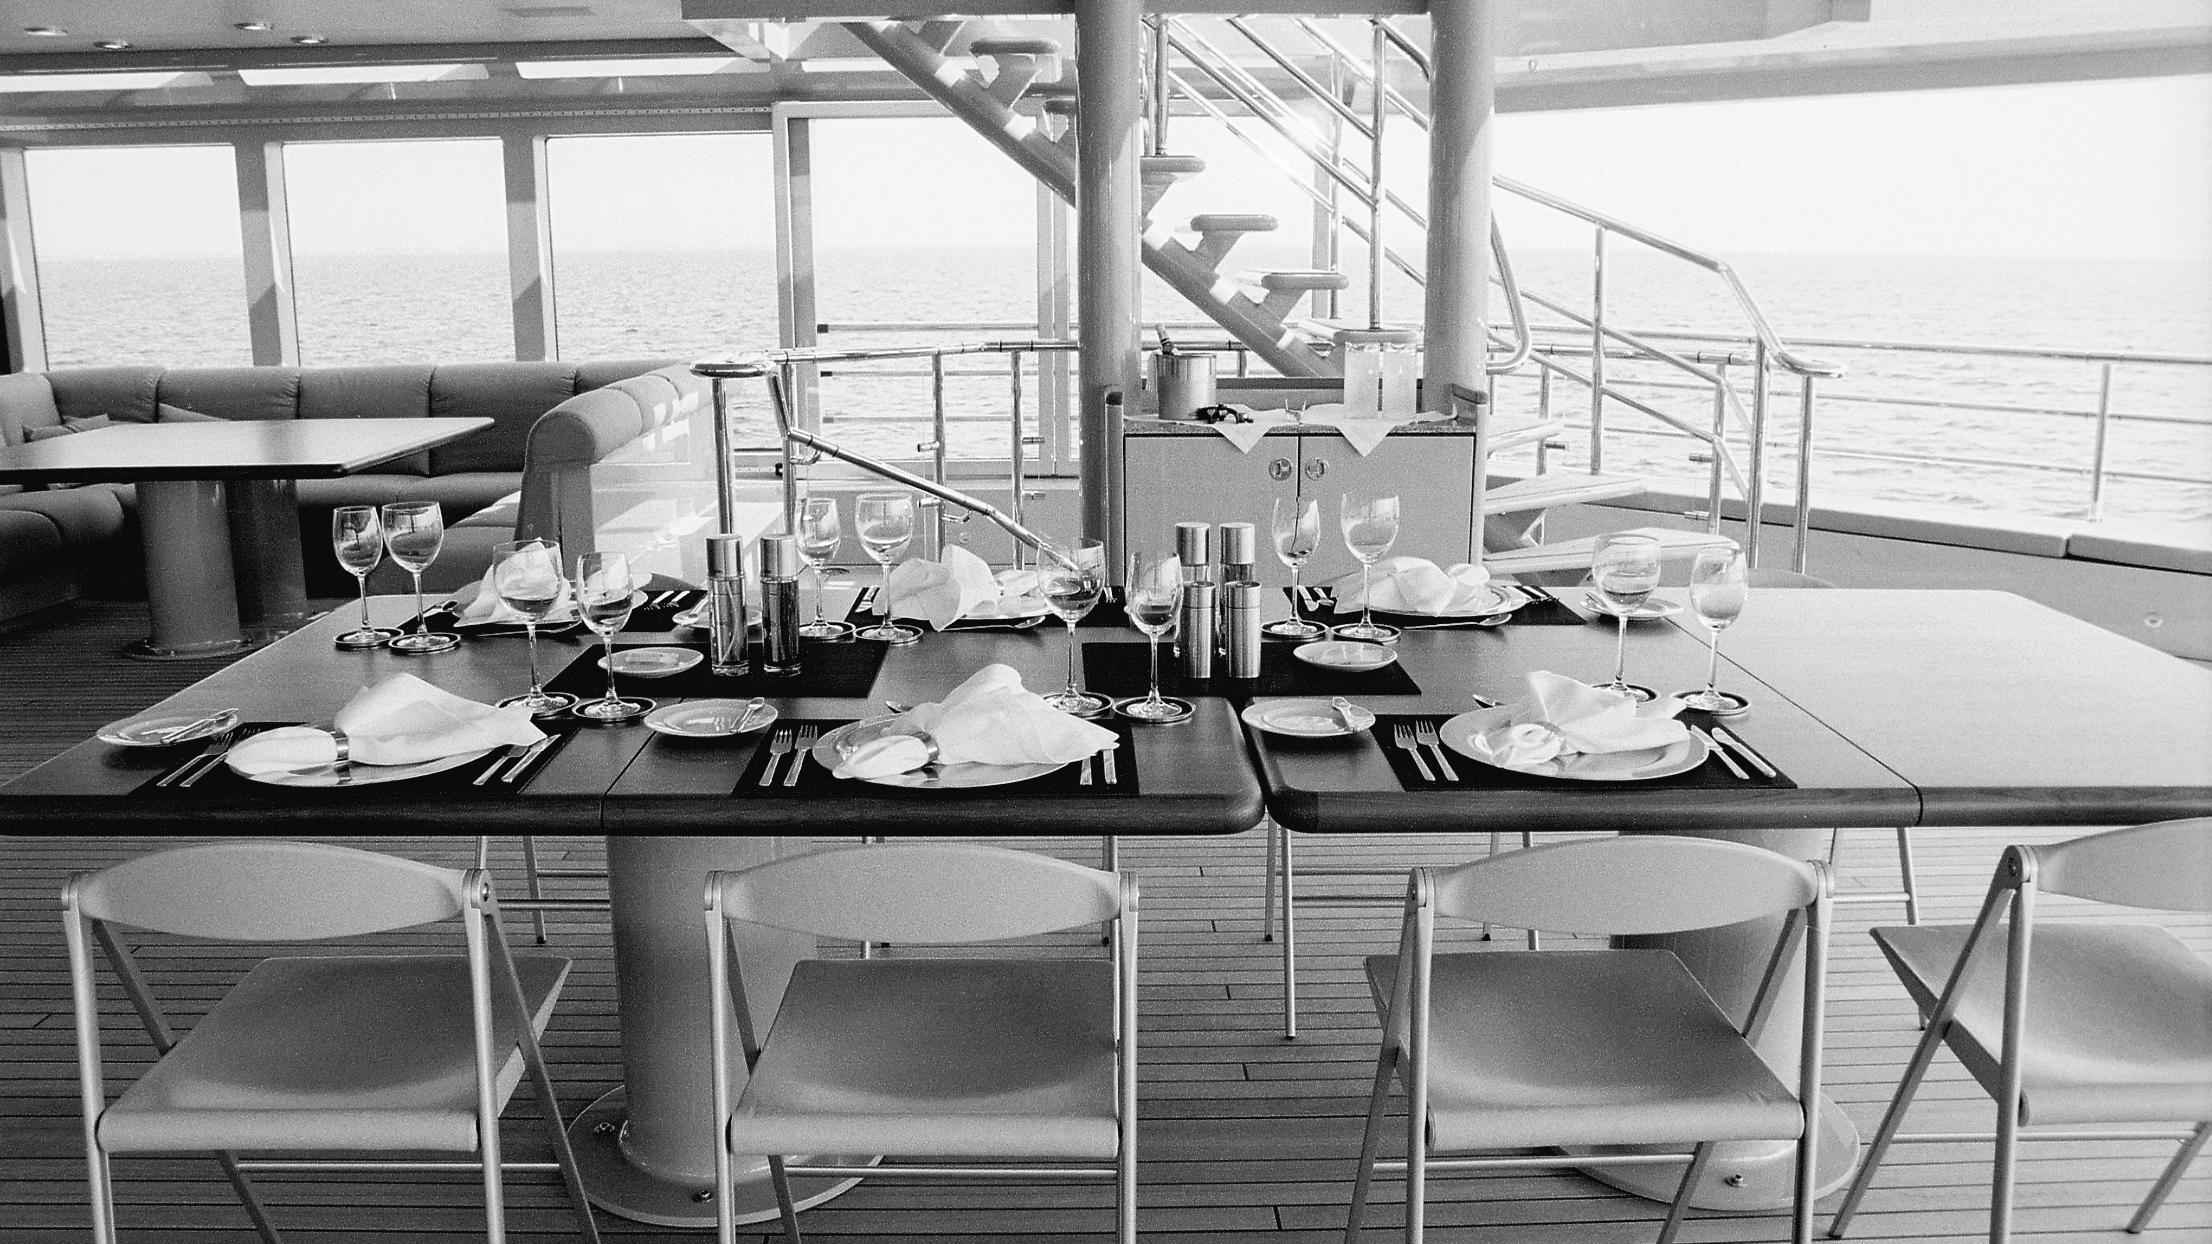 skat-explorer-yacht-lurssen-2002-71m-dining-deck